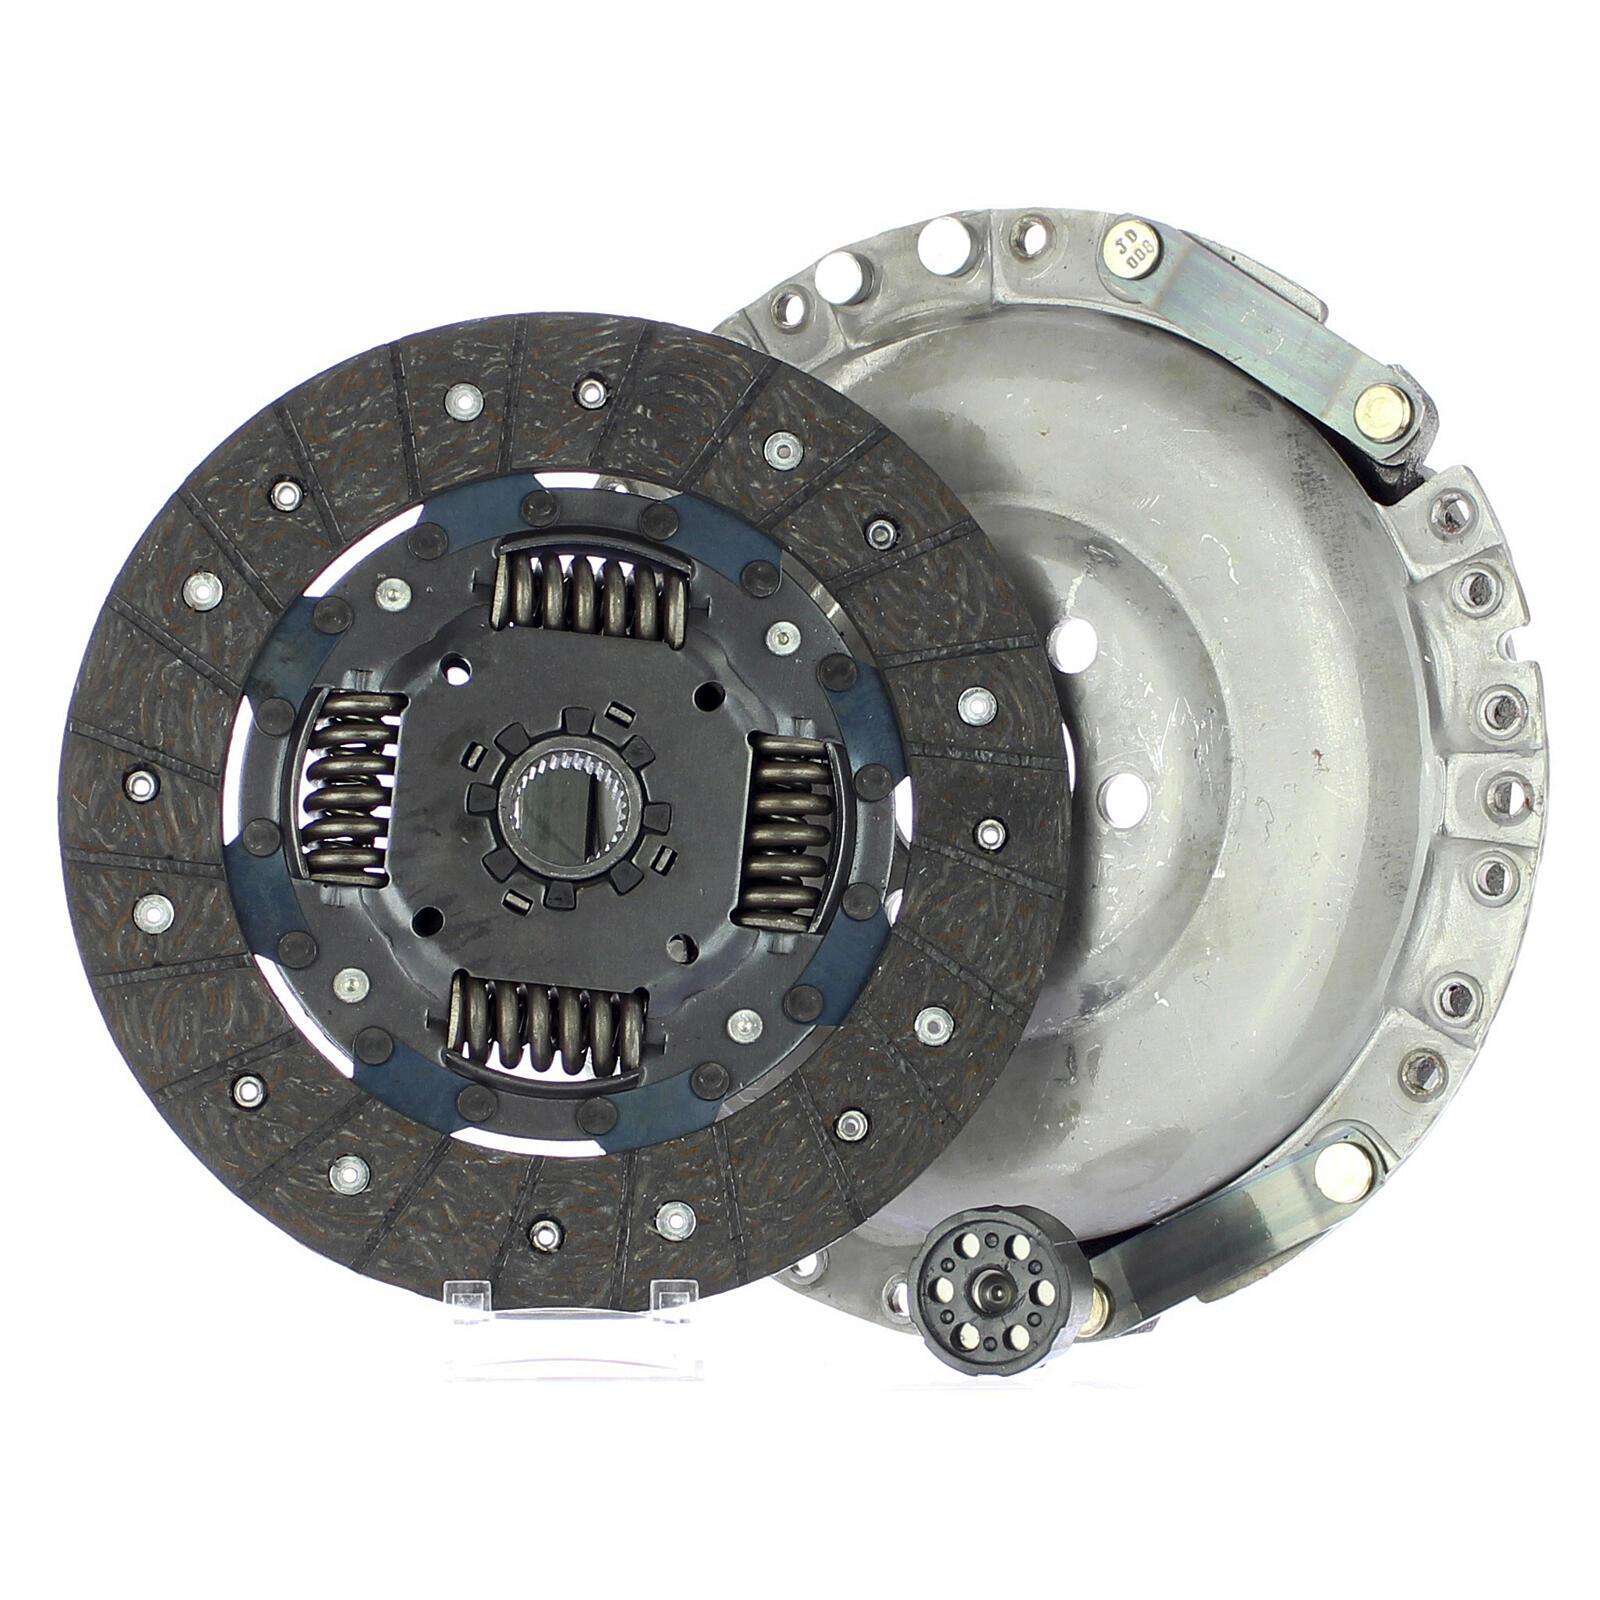 Kupplungssatz 3-teilig ( Scheibe + Druckplatte + Ausrücklager )